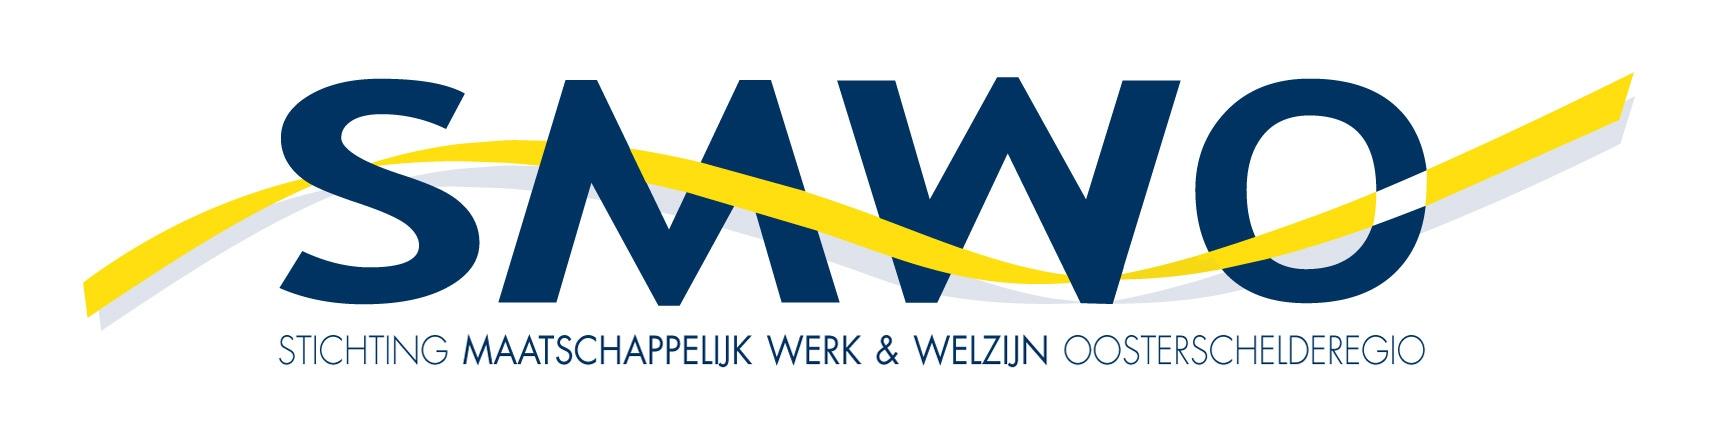 SMWO Schouwen Duiveland